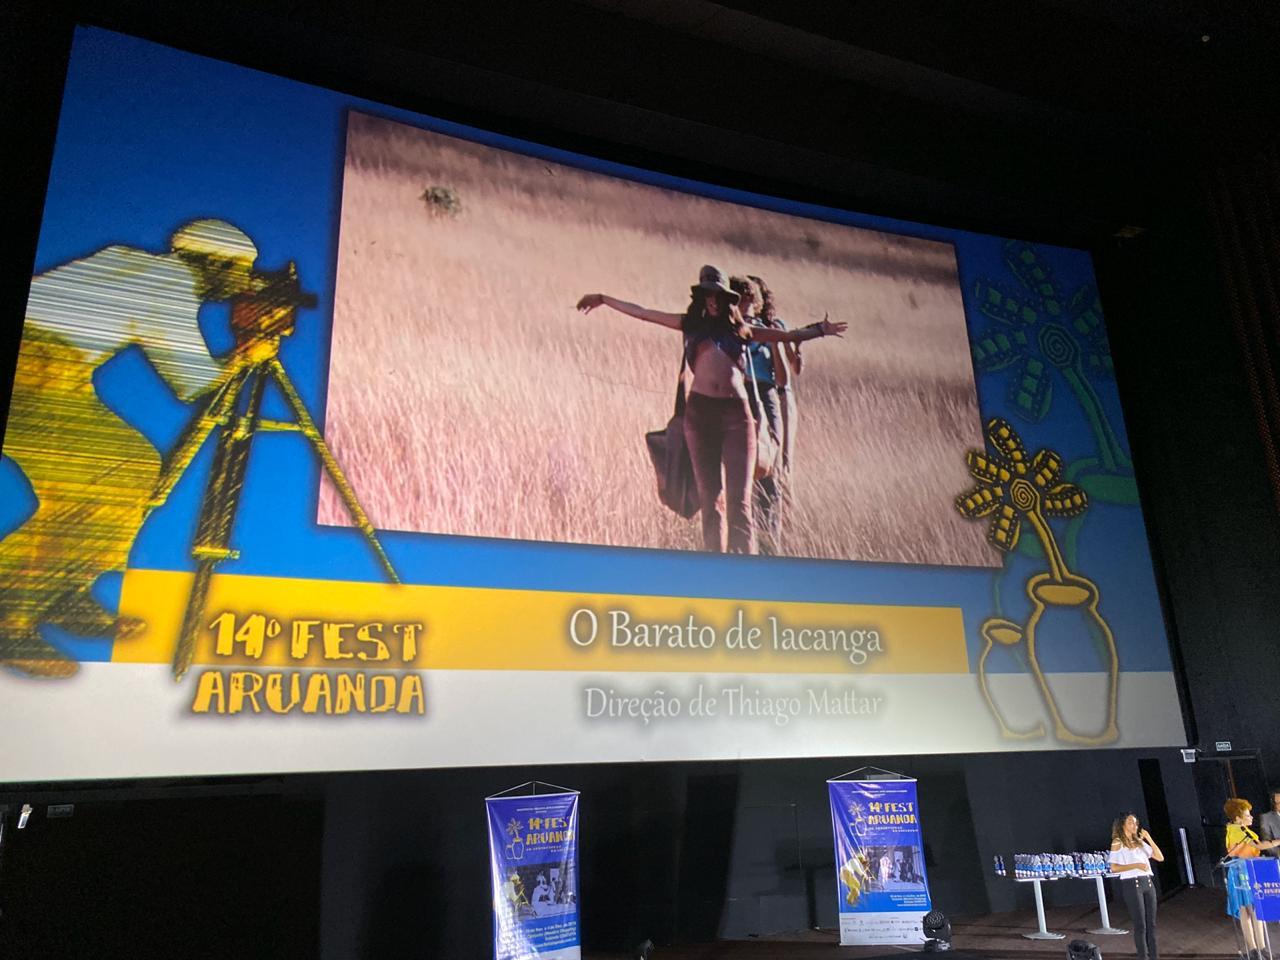 WhatsApp Image 2019 12 04 at 21.00.53 - 14 Fest Aruanda homenageia Sivuca e critica censura ao cinema brasileiro: 'política de estado que opta pela asfixia do setor cultural' - VEJA VÍDEOS